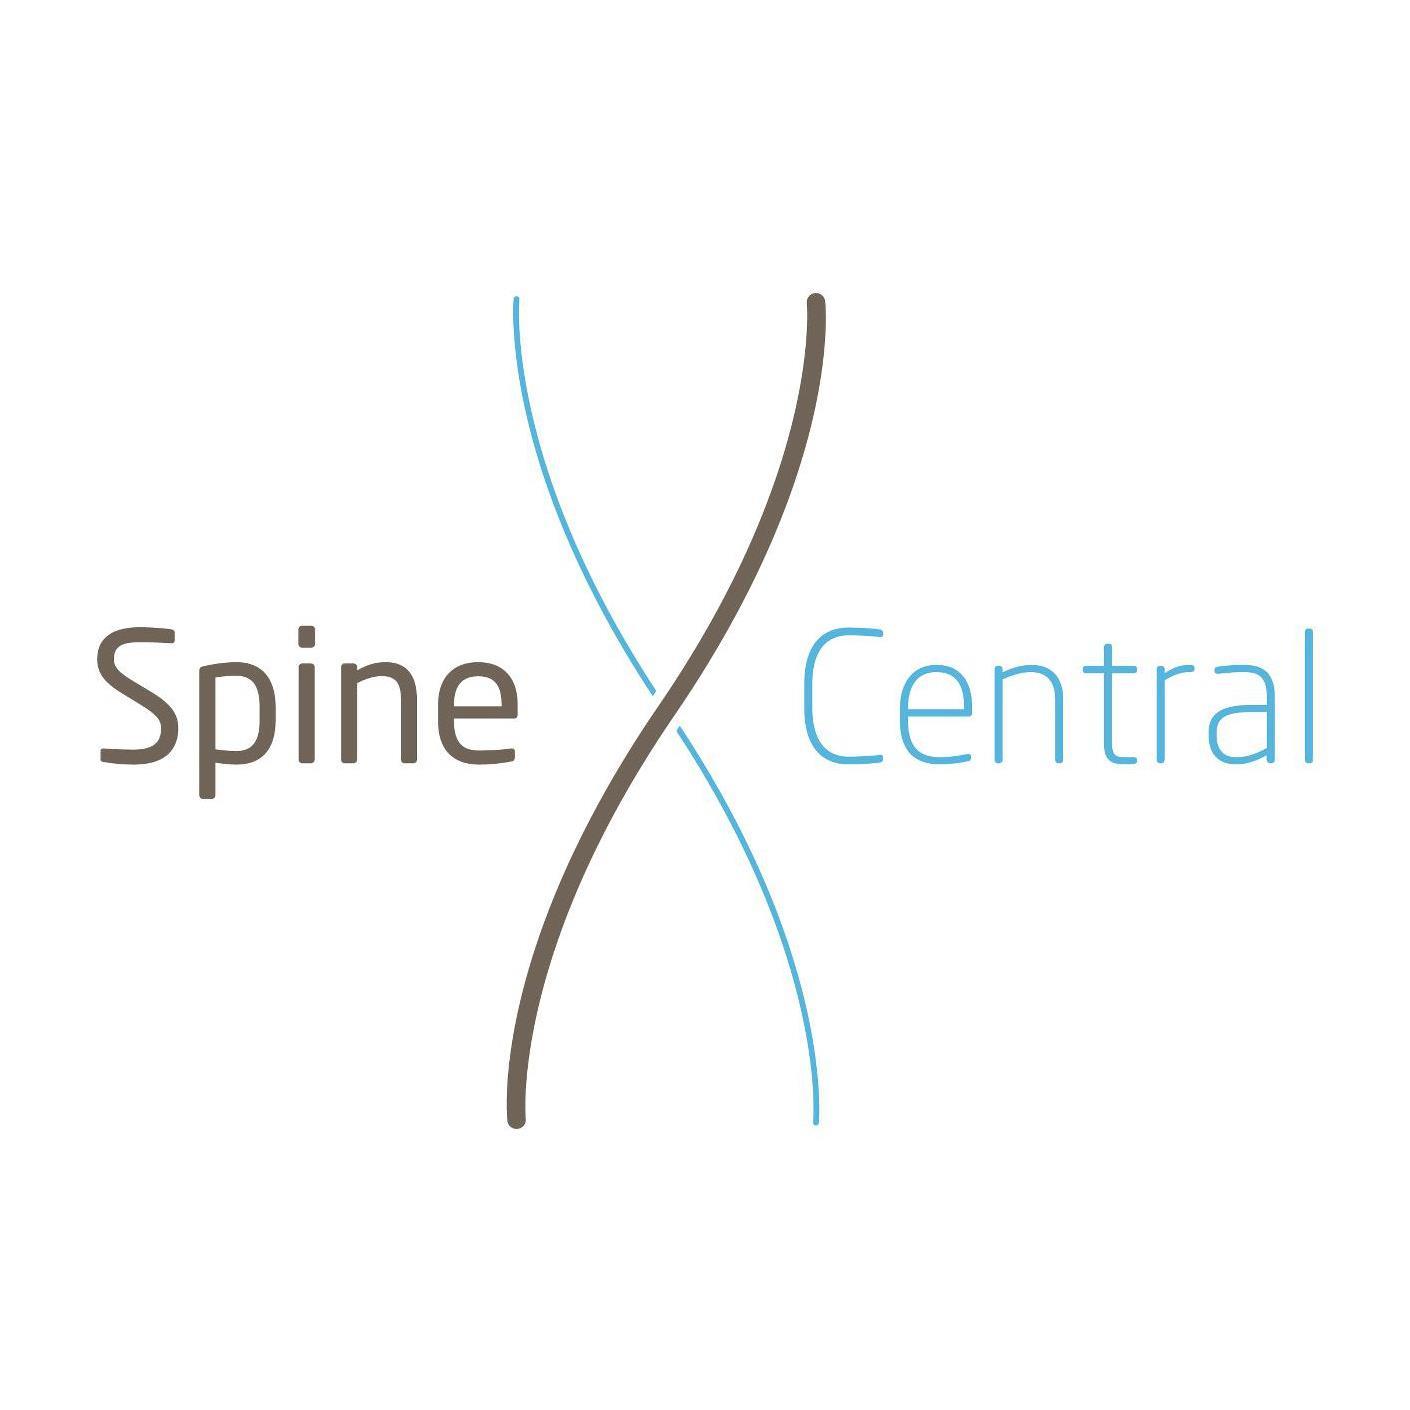 Spine Central